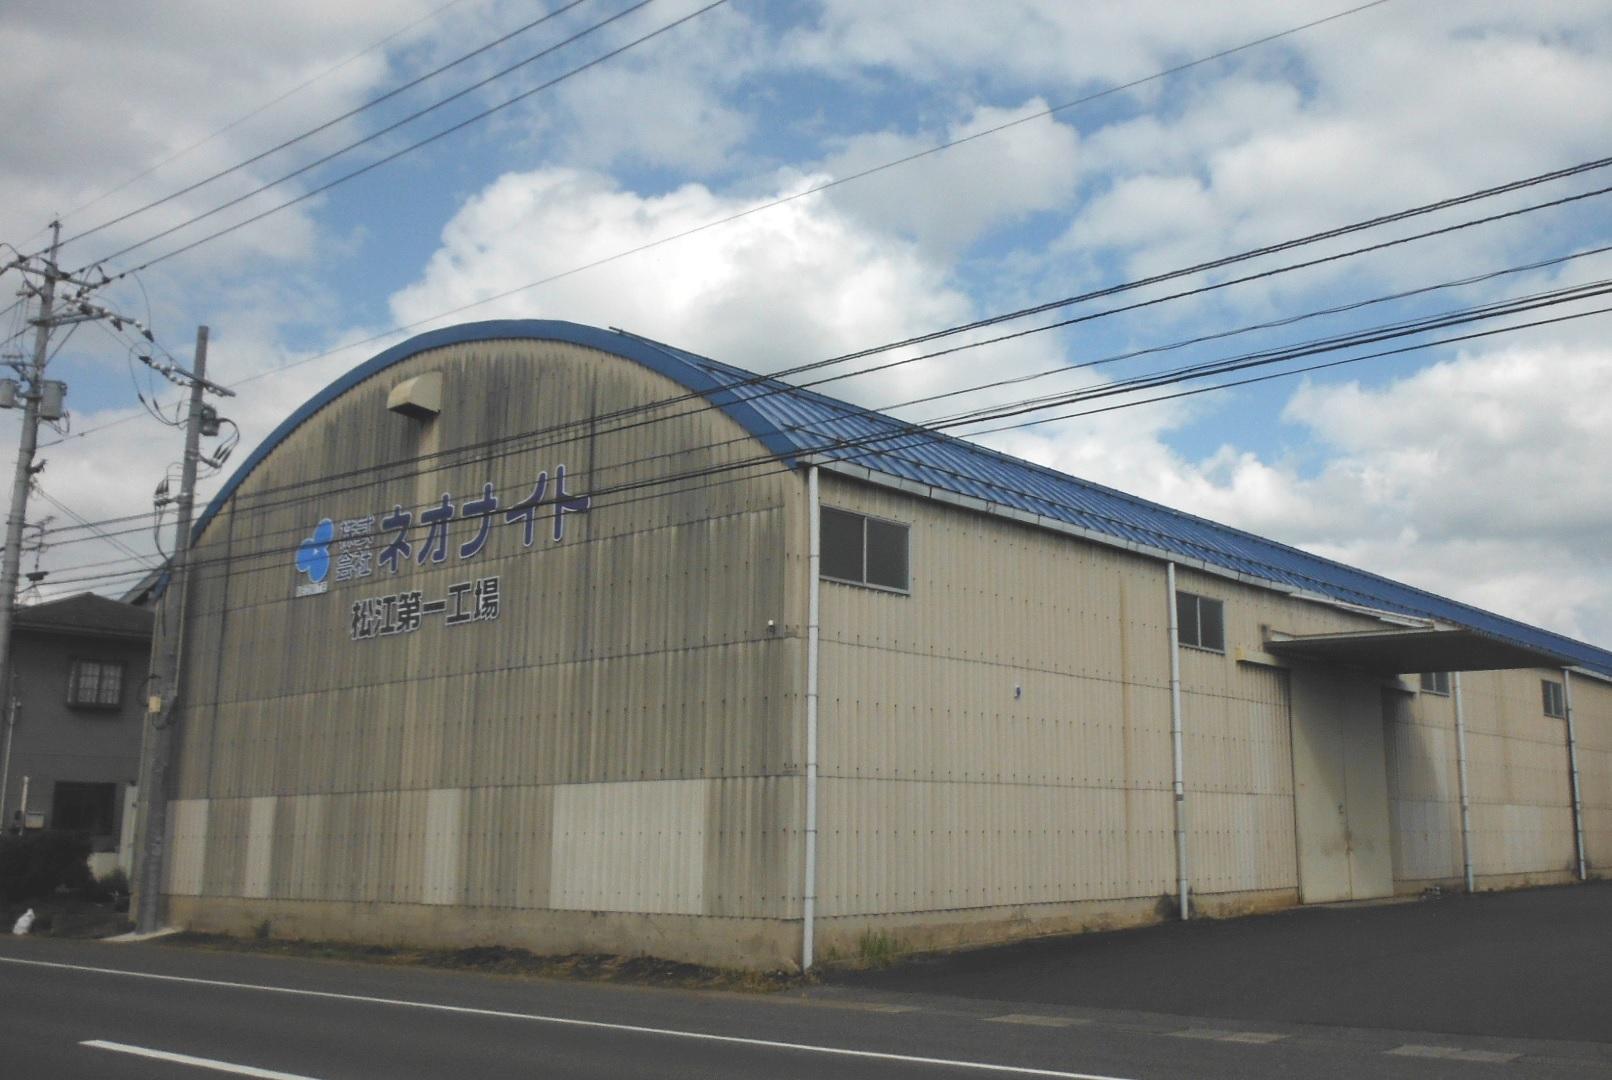 ネオナイト製造工場